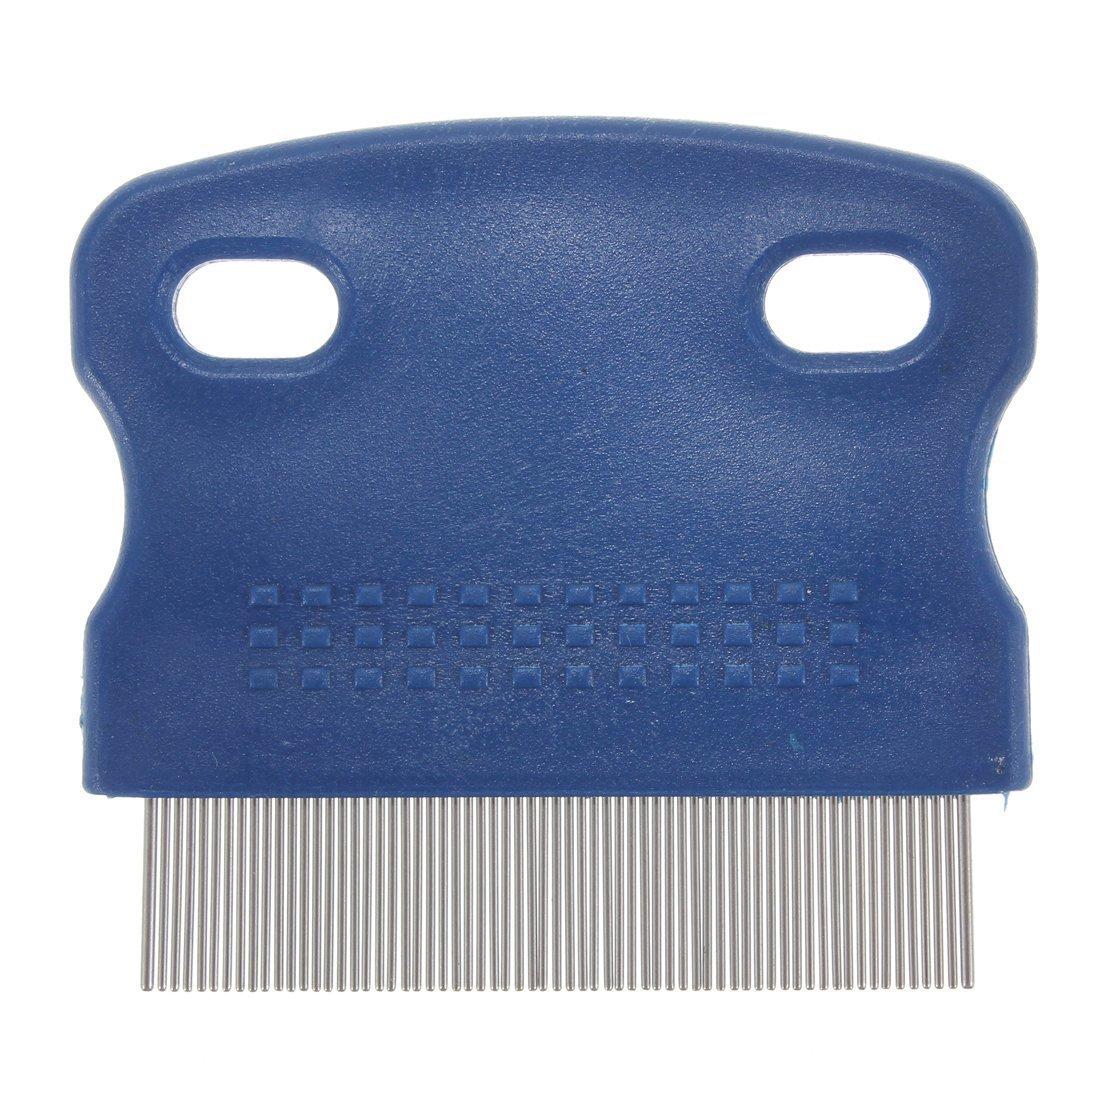 pet comb - SODIAL(R) Dog brush dog comb flea comb lice comb nit comb fur comb pet comb grooming